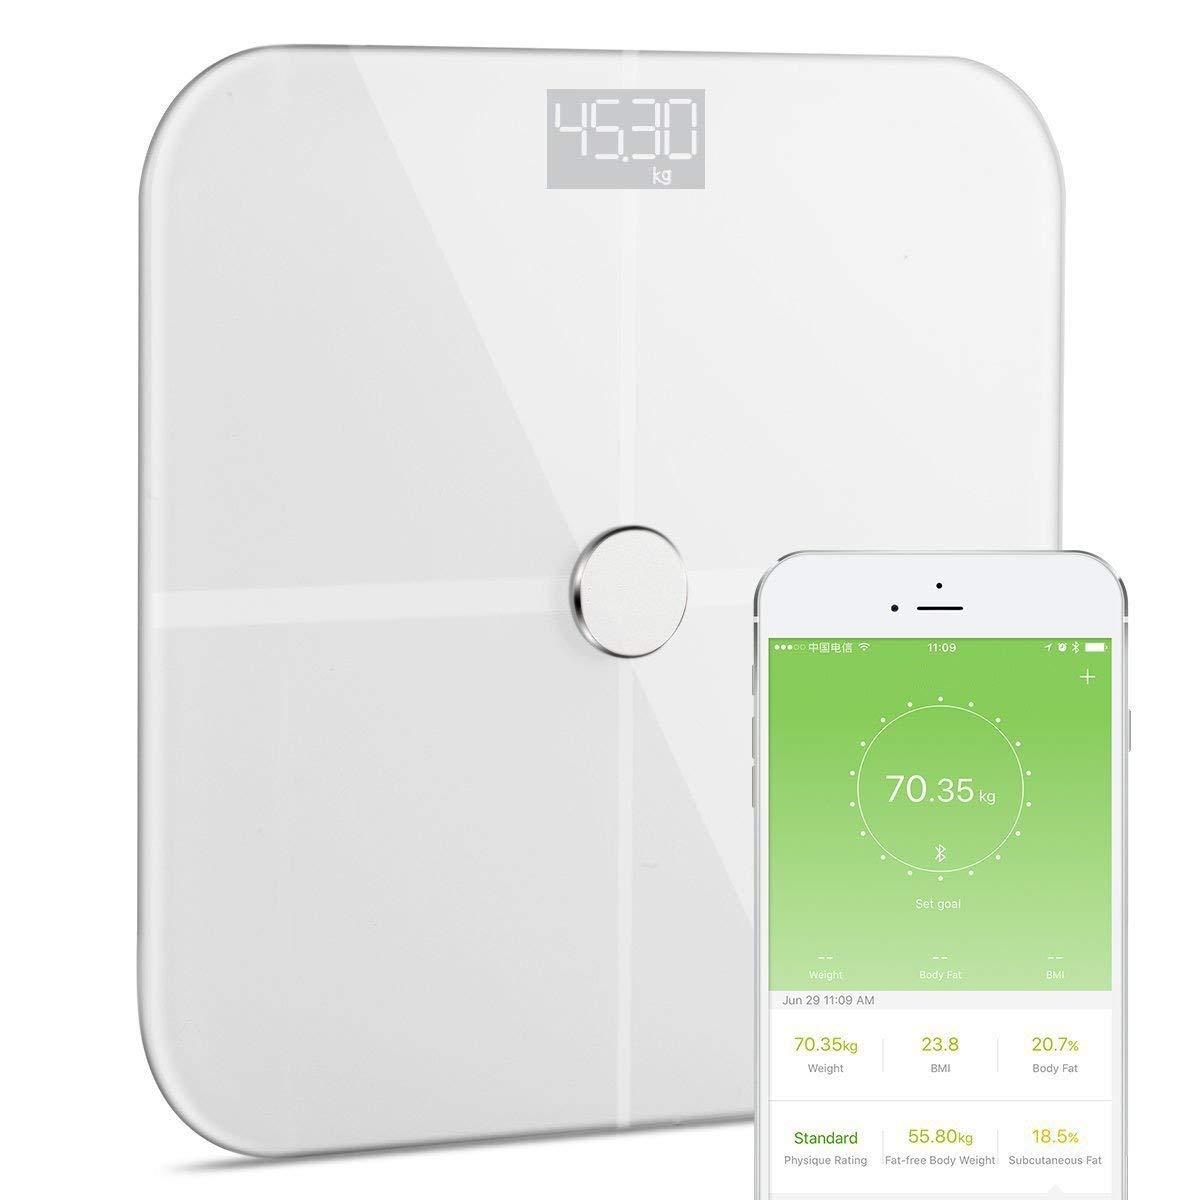 Mini Digital Body Weight Scale kann als Spiegel aus gehärtetem Glas verwendet werden Küchenwaagen Elektrische Küchengeräte